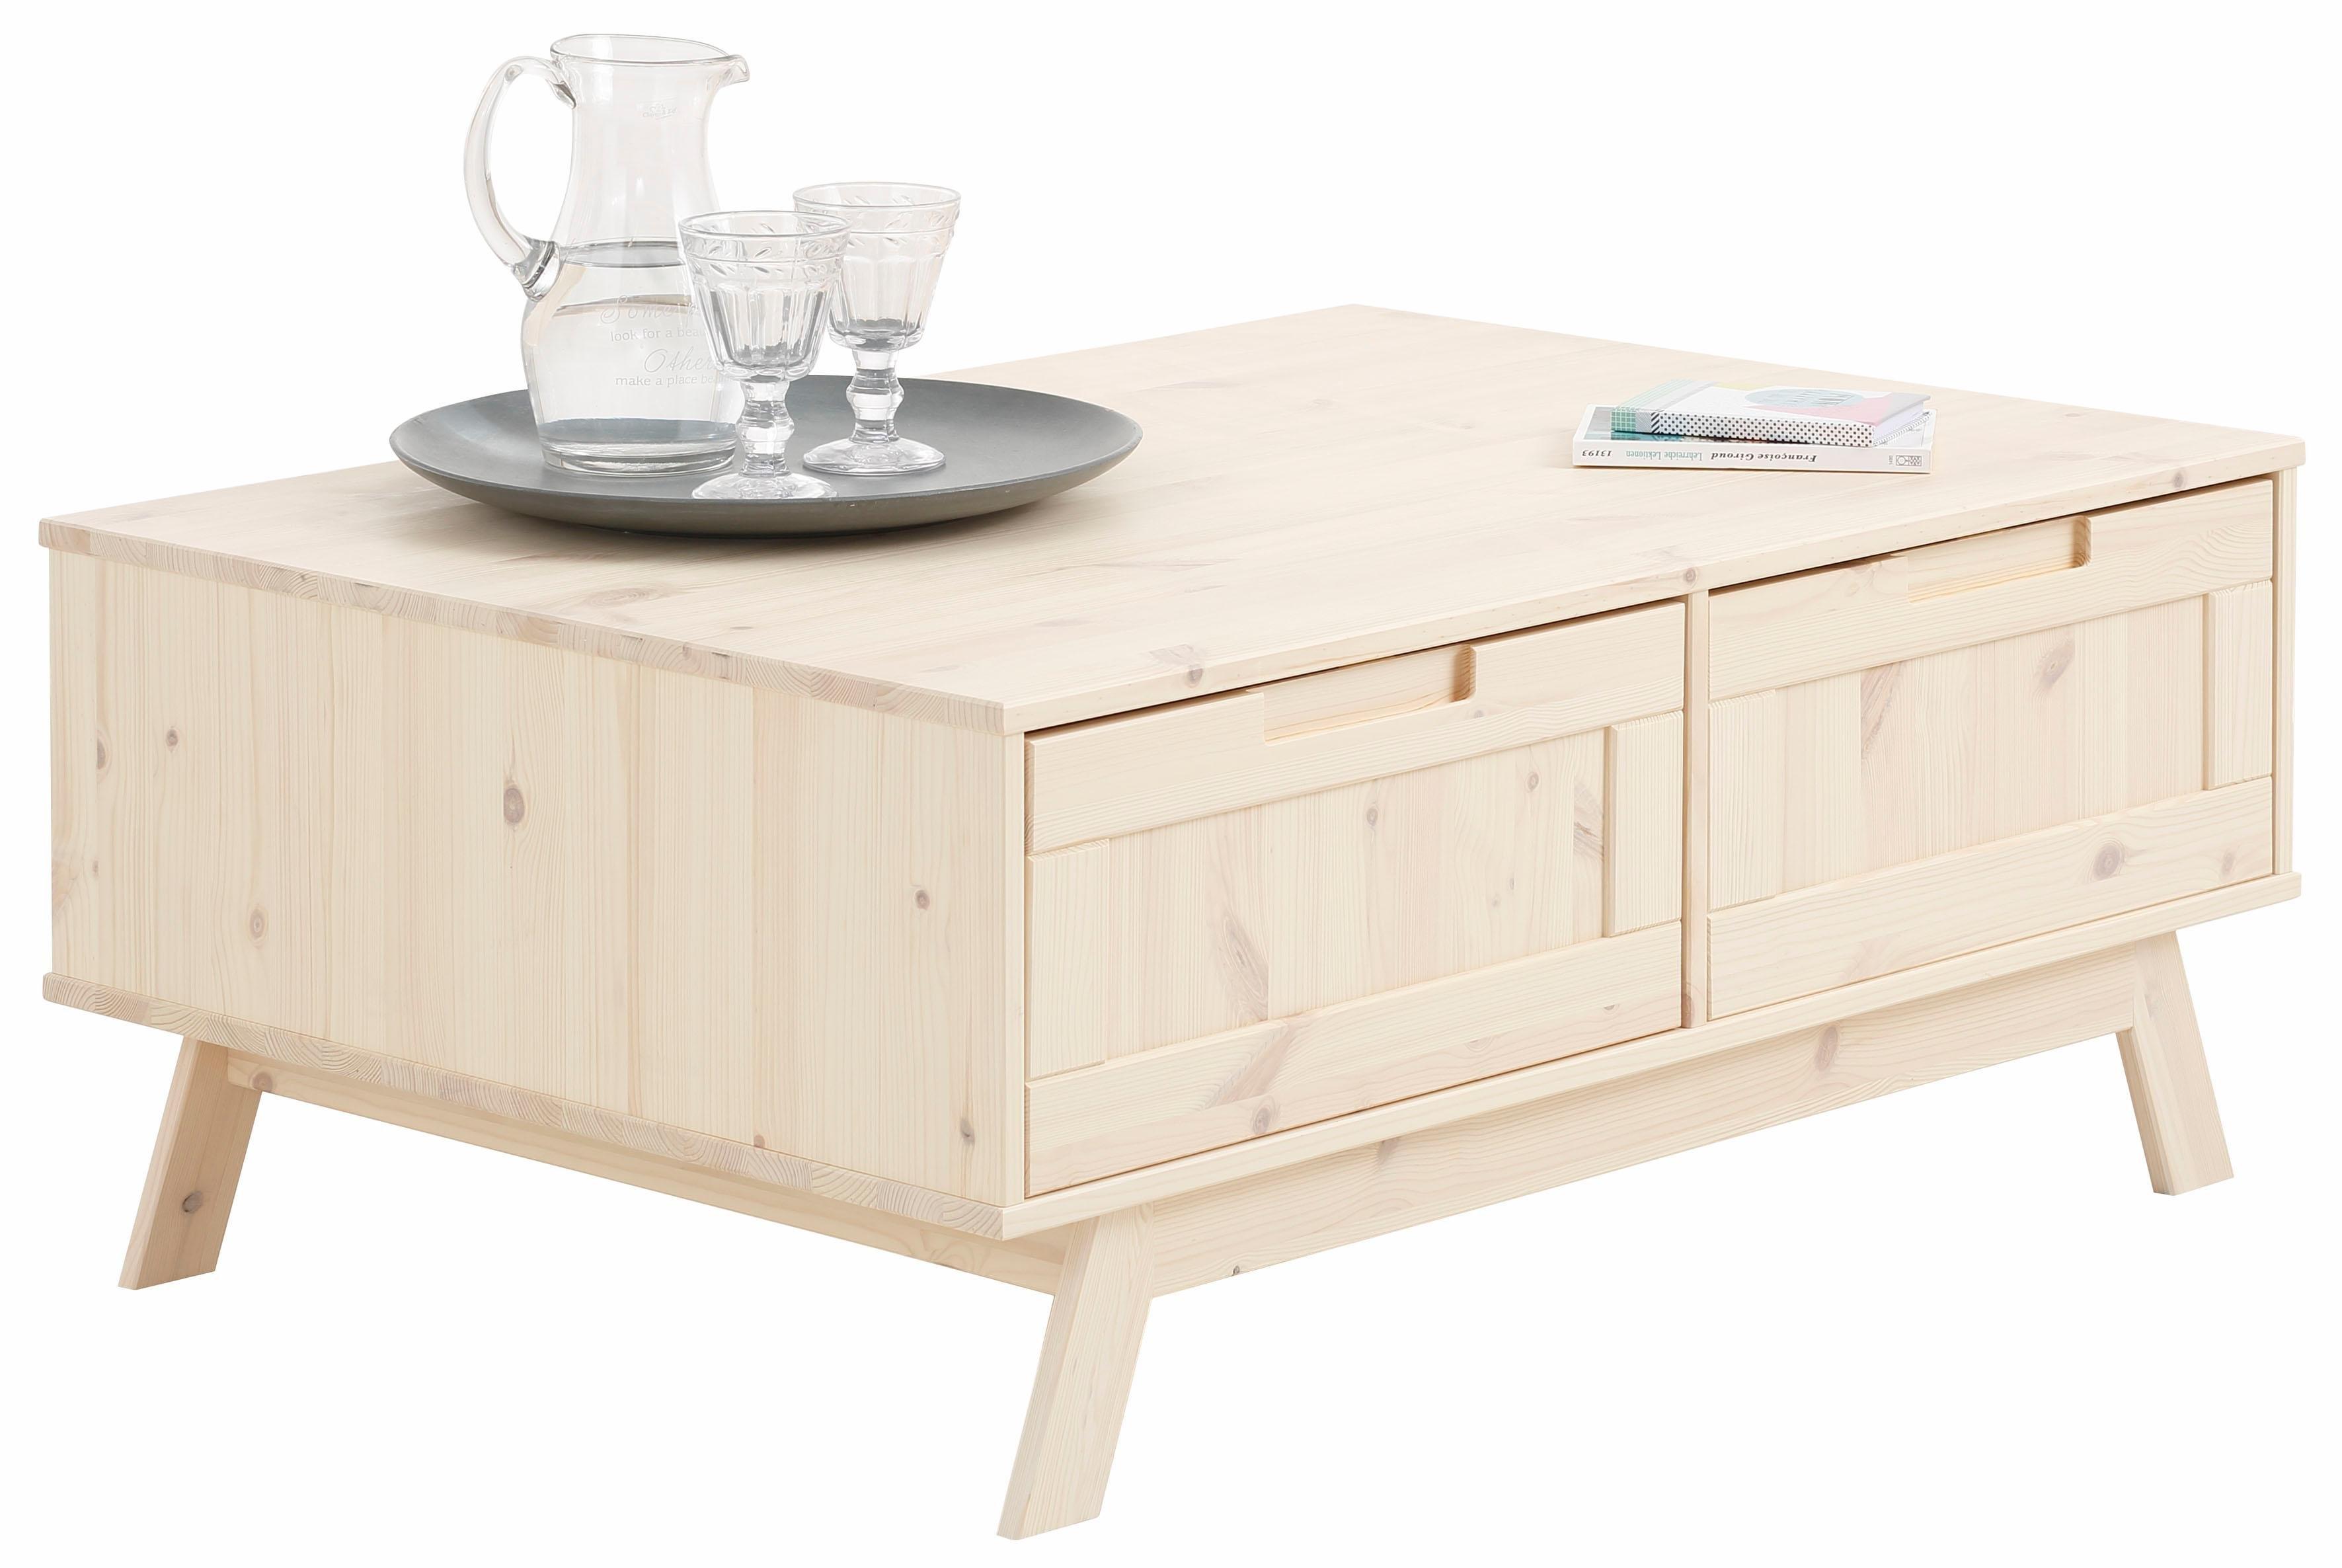 Home affaire salontafel »Ohio«, in traditioneel design, 2 kleppen voor veel bergruimte, 100 cm breed nu online kopen bij OTTO